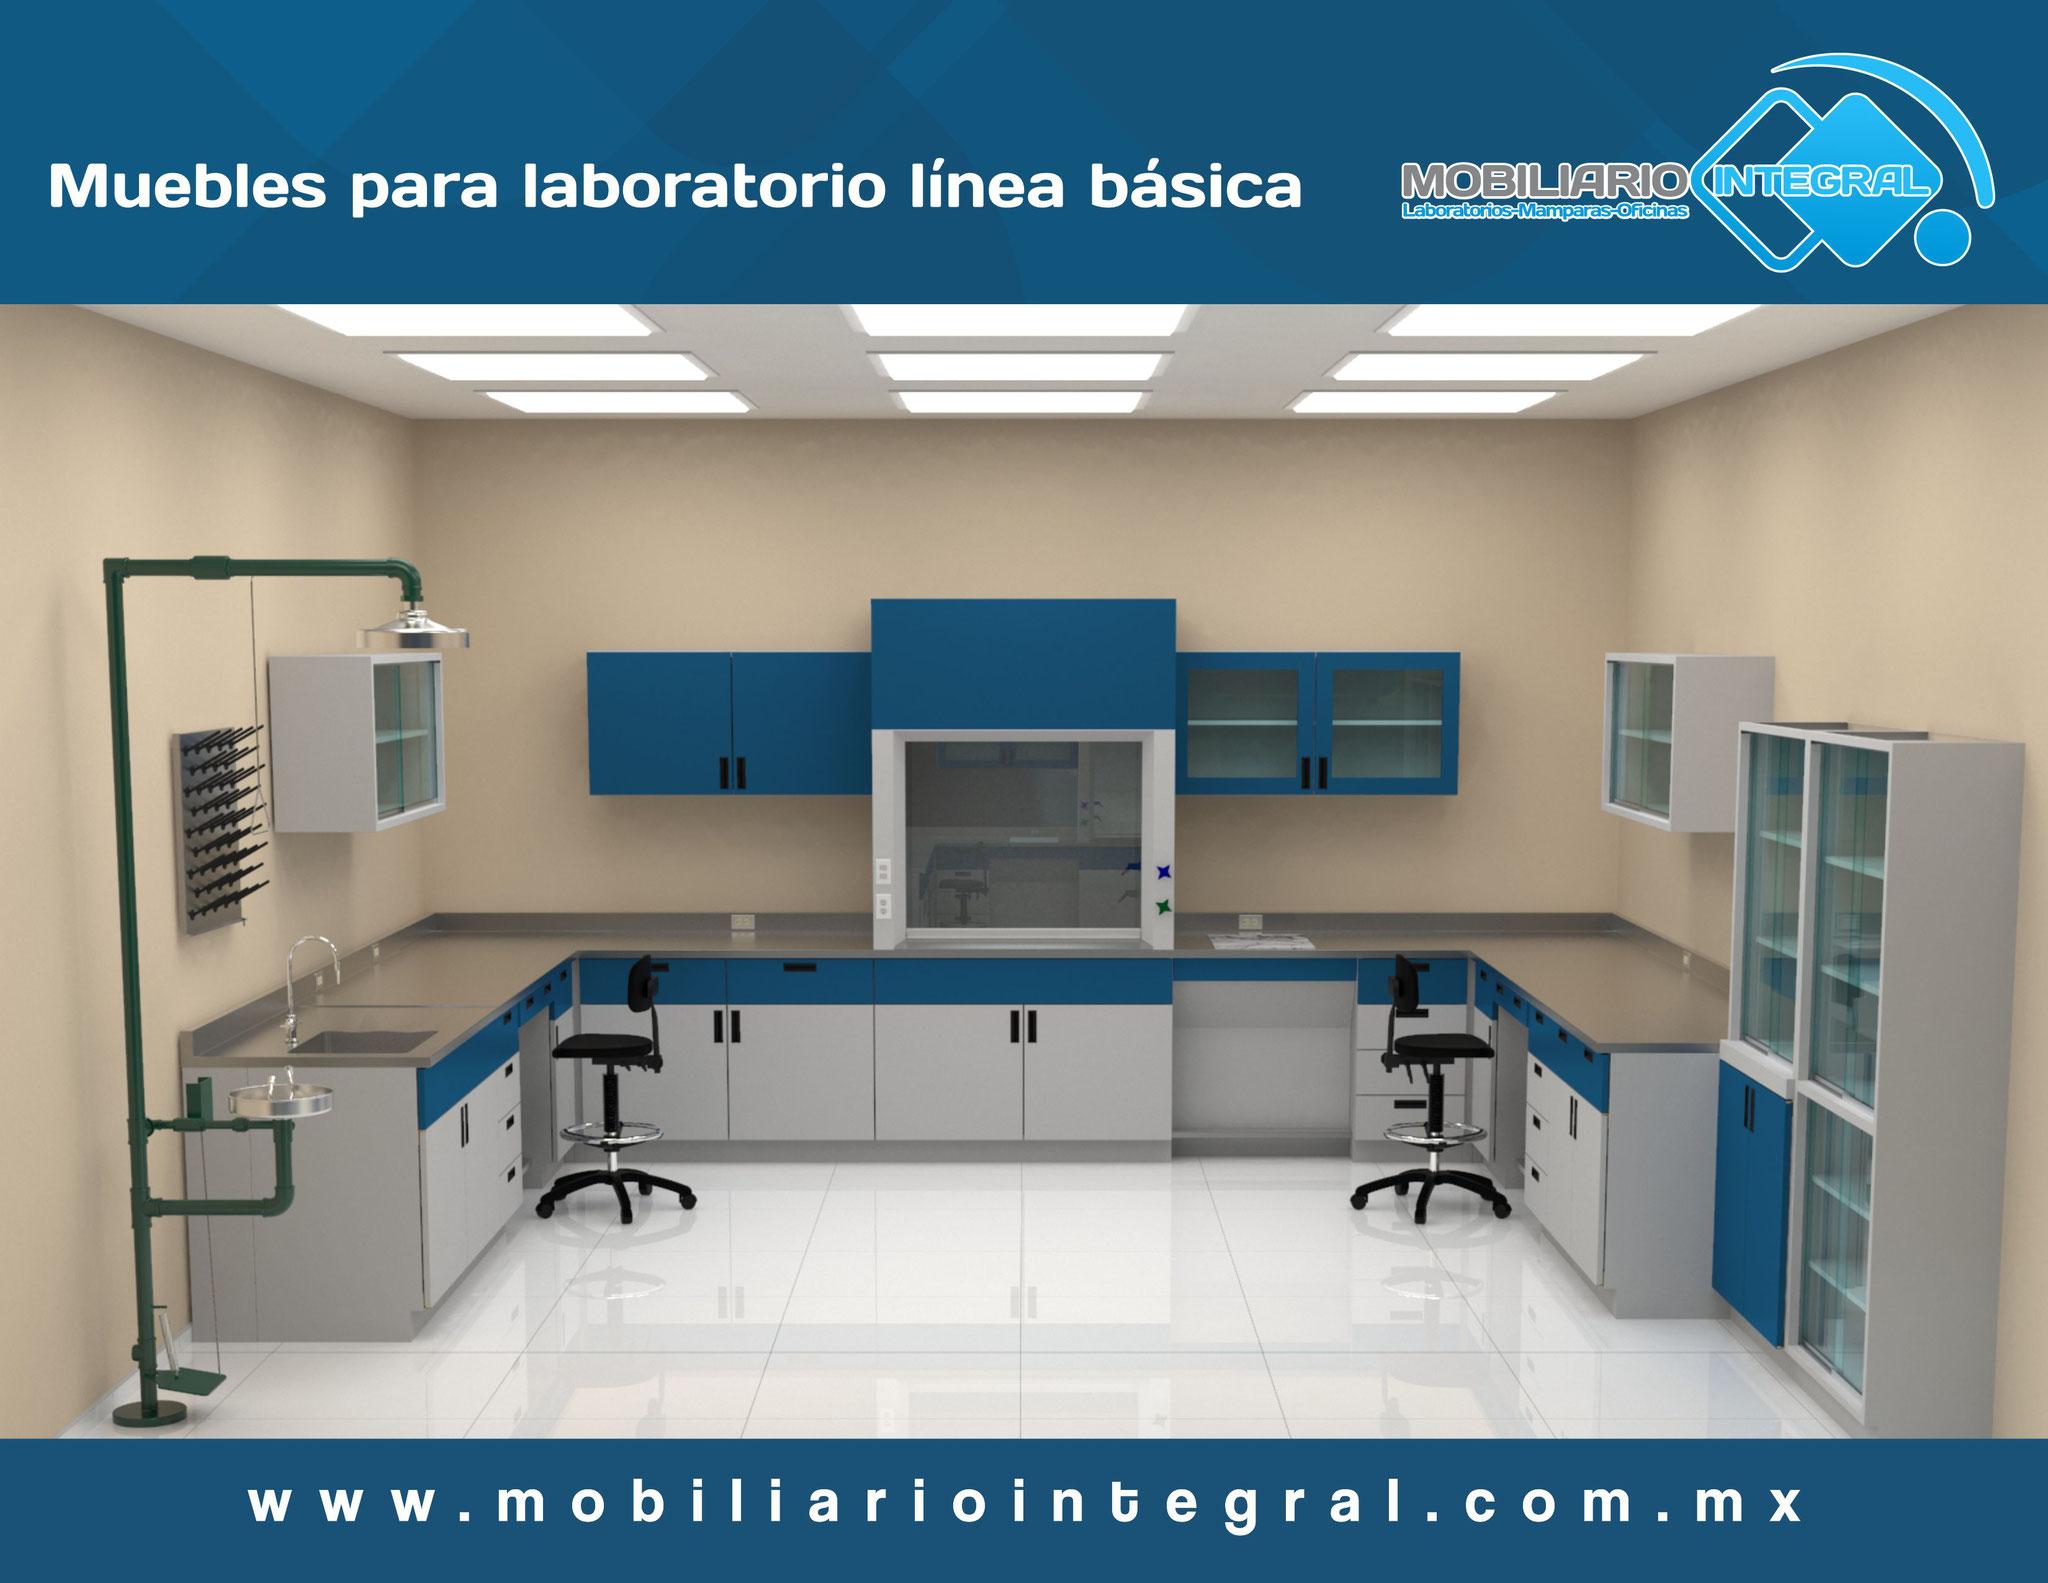 Muebles para laboratorio en Cuautla